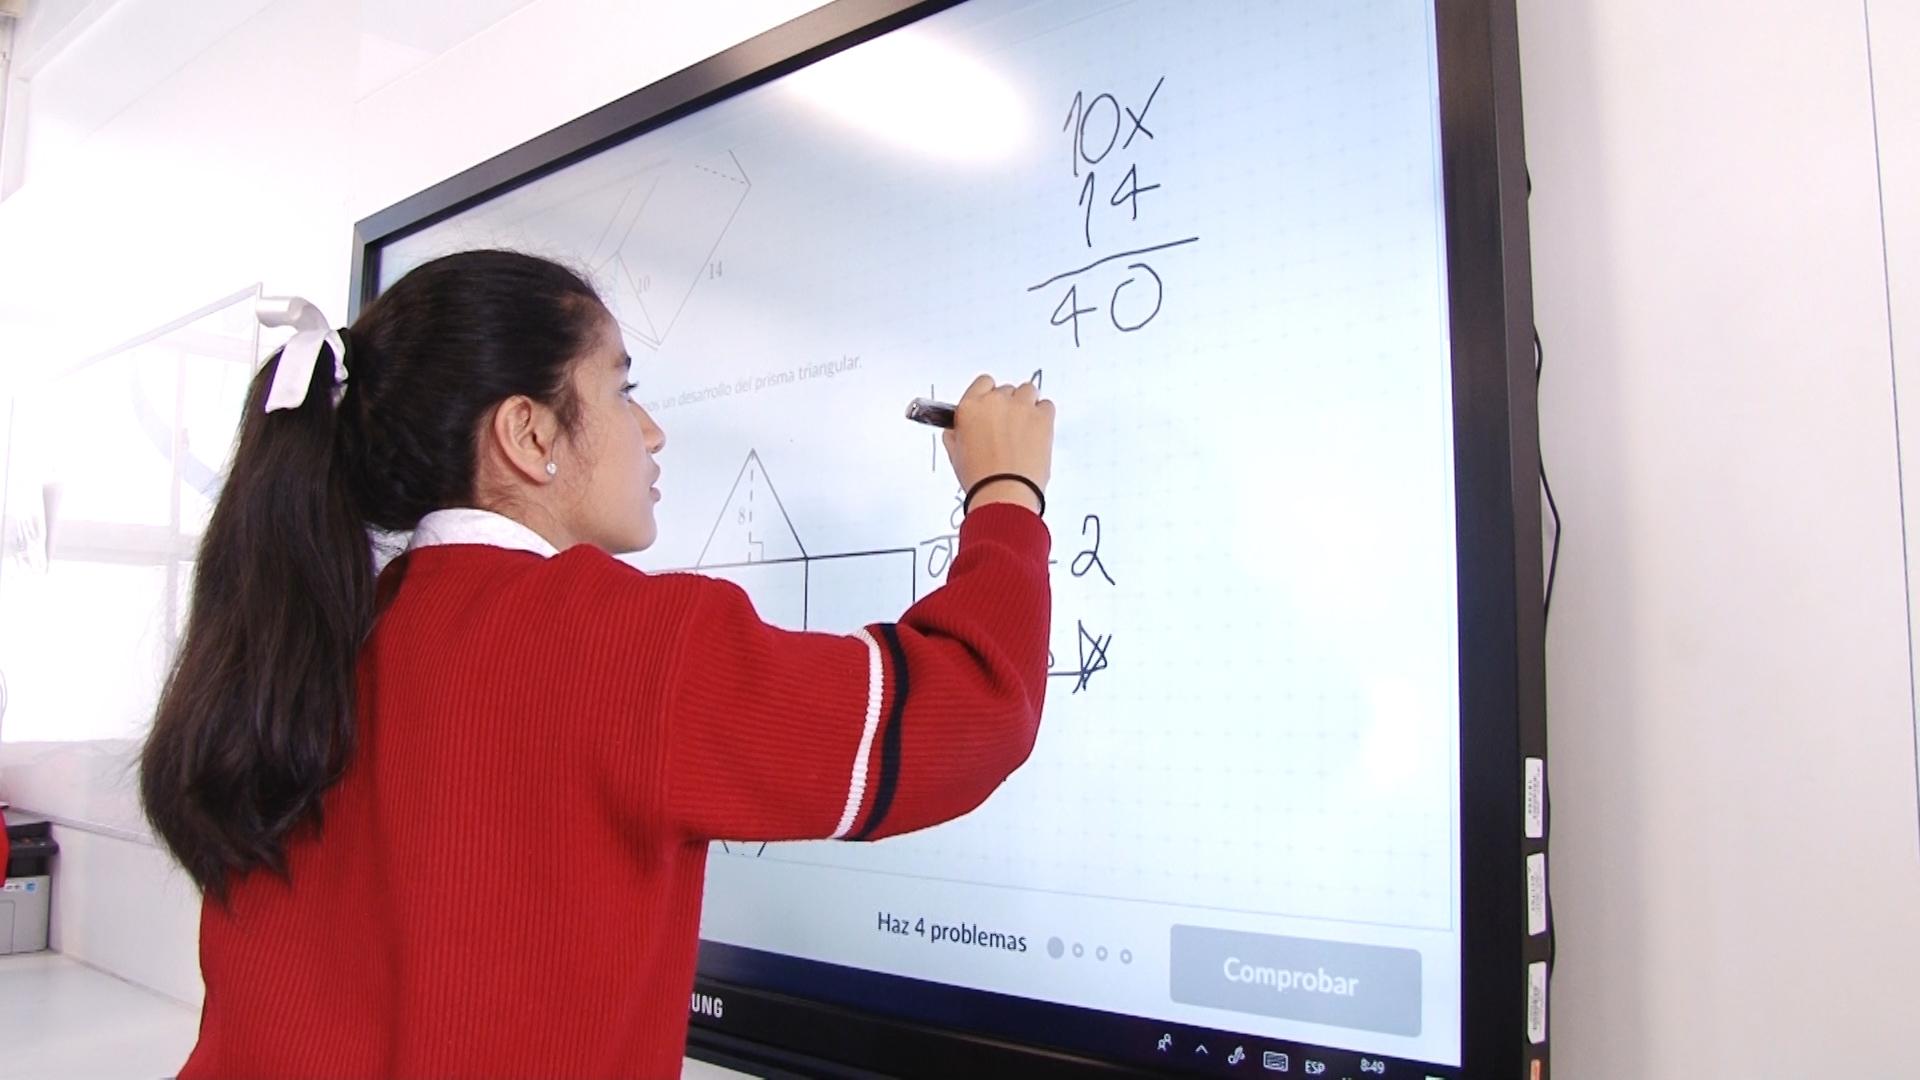 Conoce la herramienta digital que enseña matemática de forma divertida